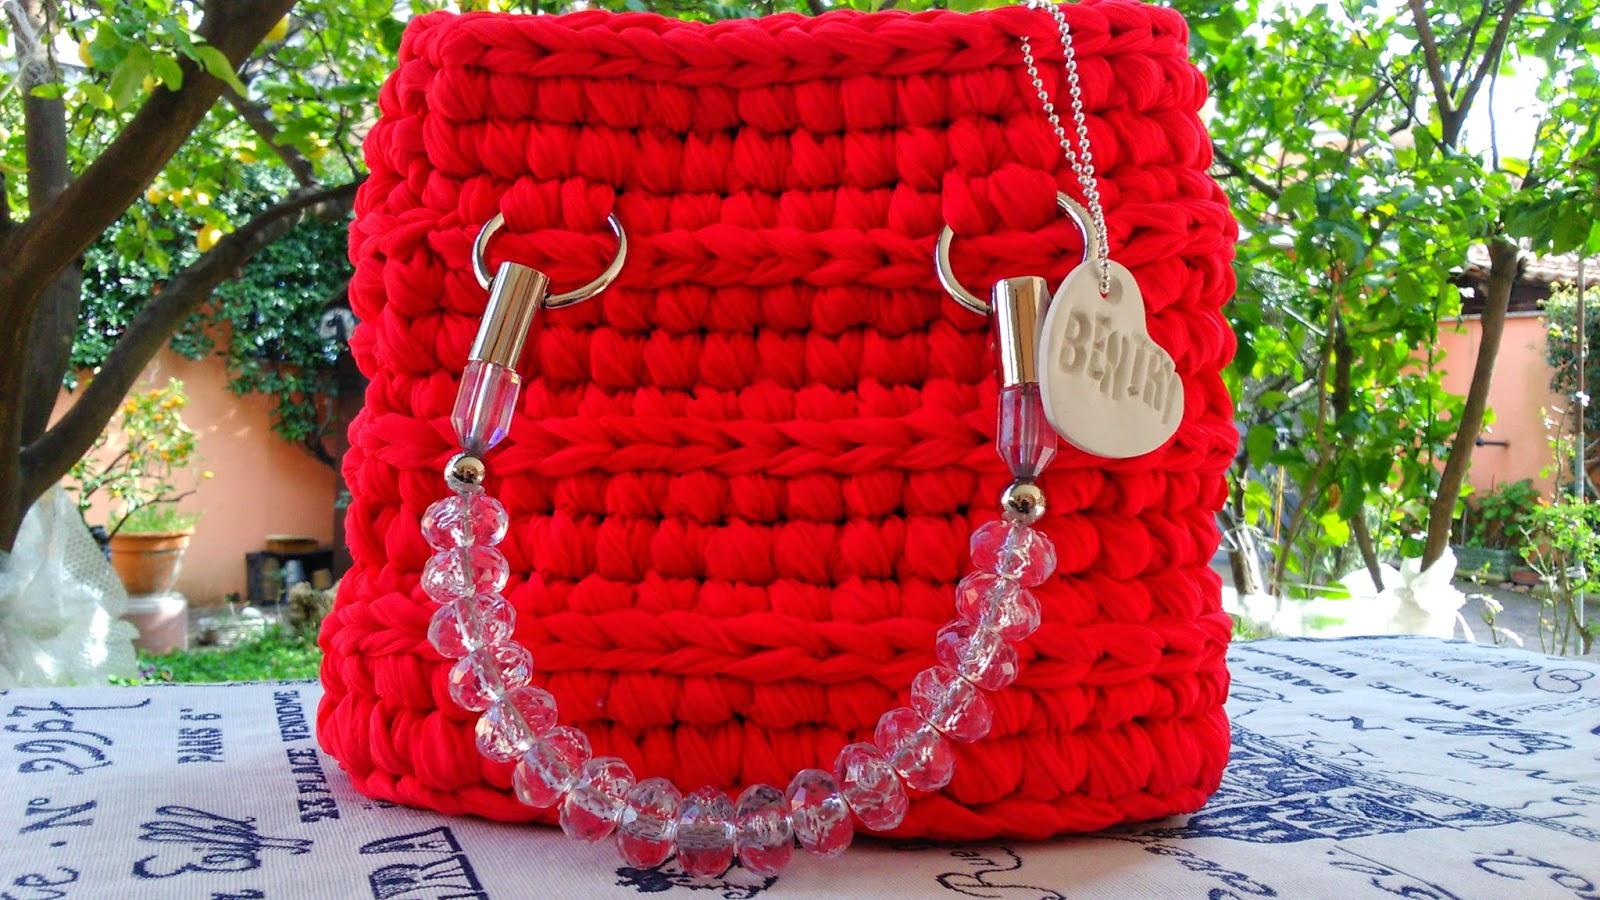 Borsa manico gioiello organza rossa